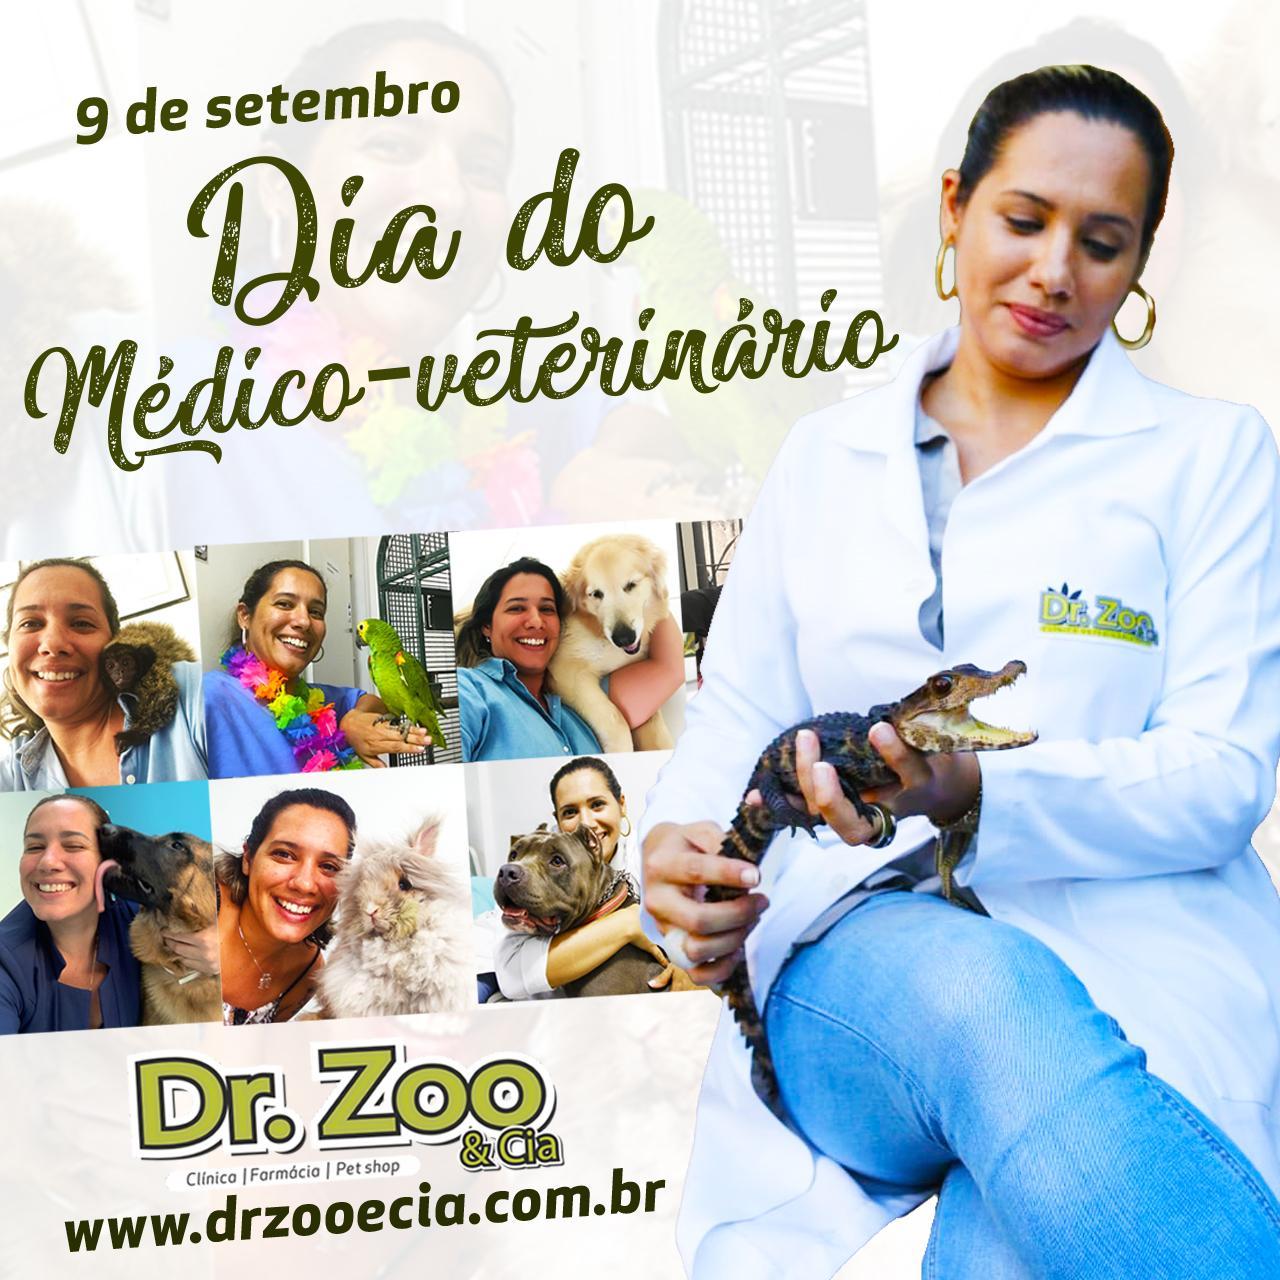 9 de setembro Dia do Médico-Veterinário